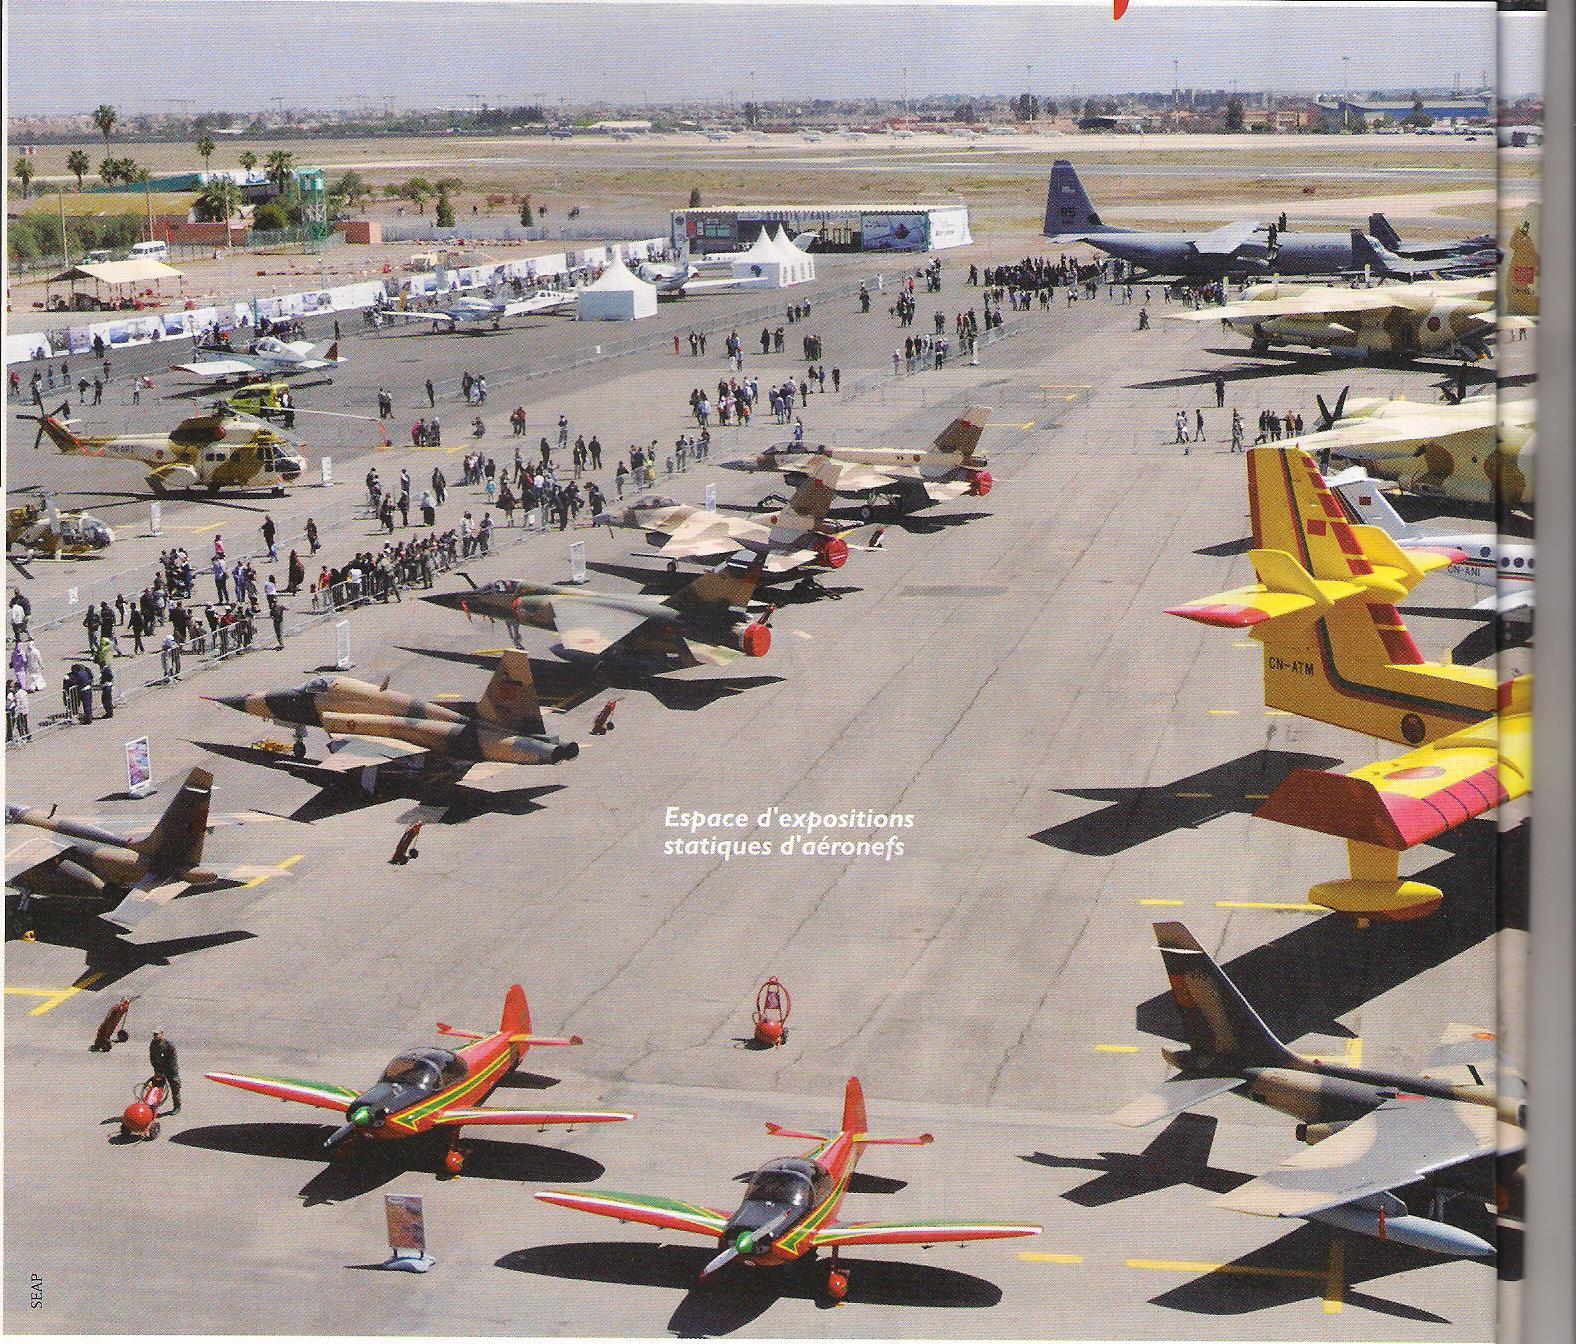 AeroExpo Marrakech 2012 / Marrakech Air Show 2012 - Page 5 356194222